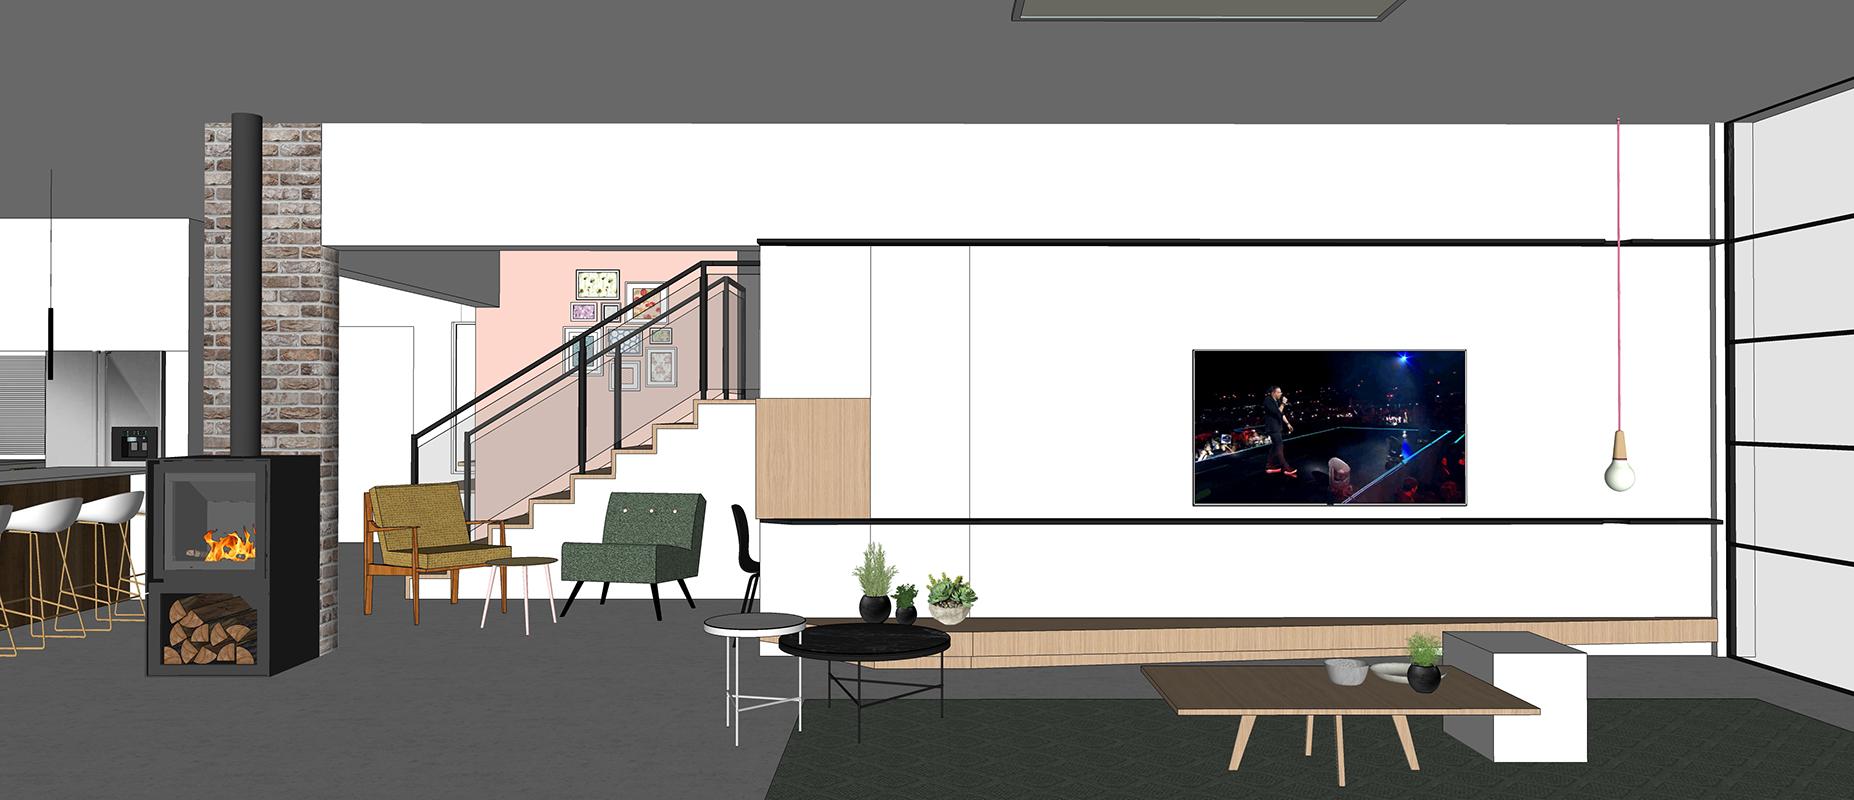 מבט לקיר טלויזיה